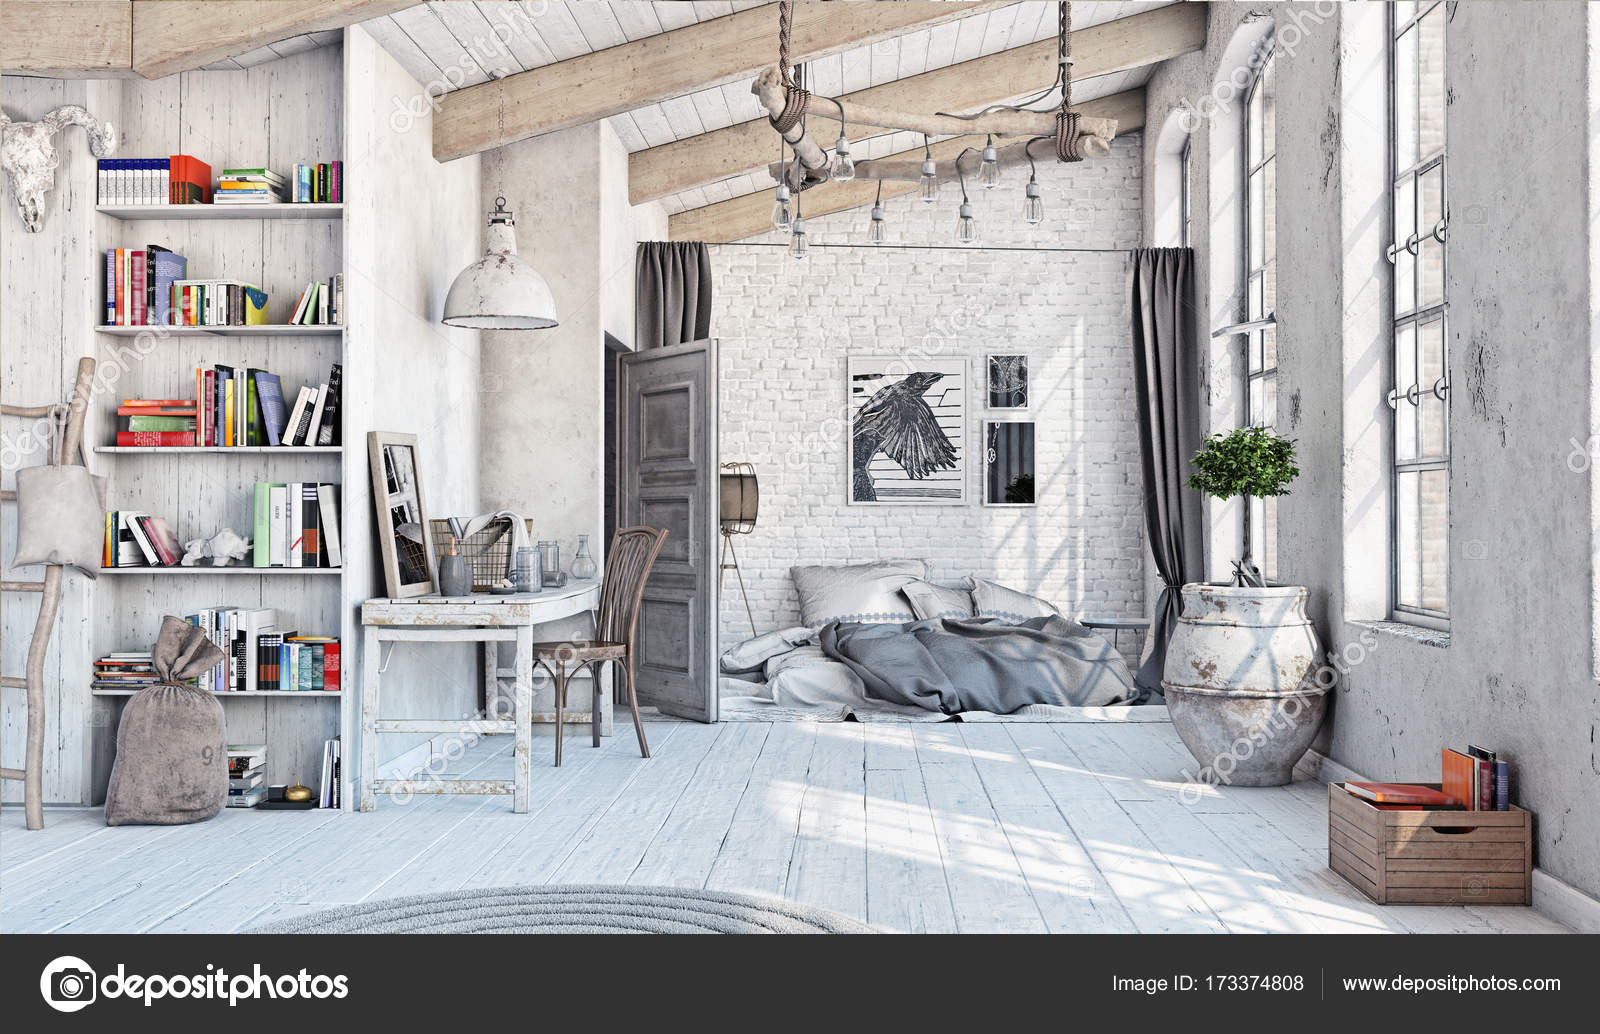 Scandinavische slaapkamer interieur — Stockfoto © vicnt2815 #173374808